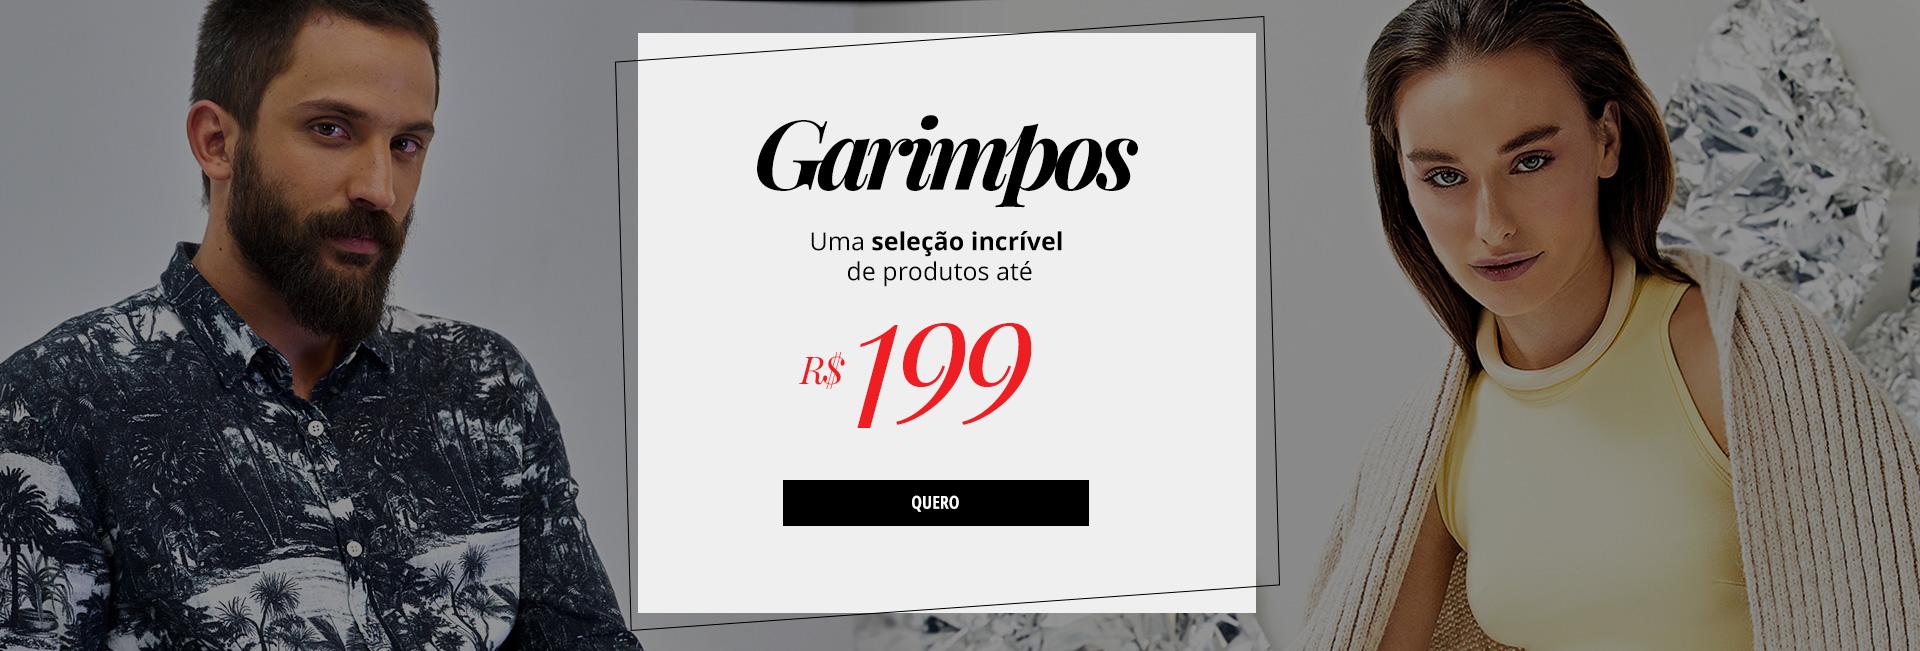 Garimpos